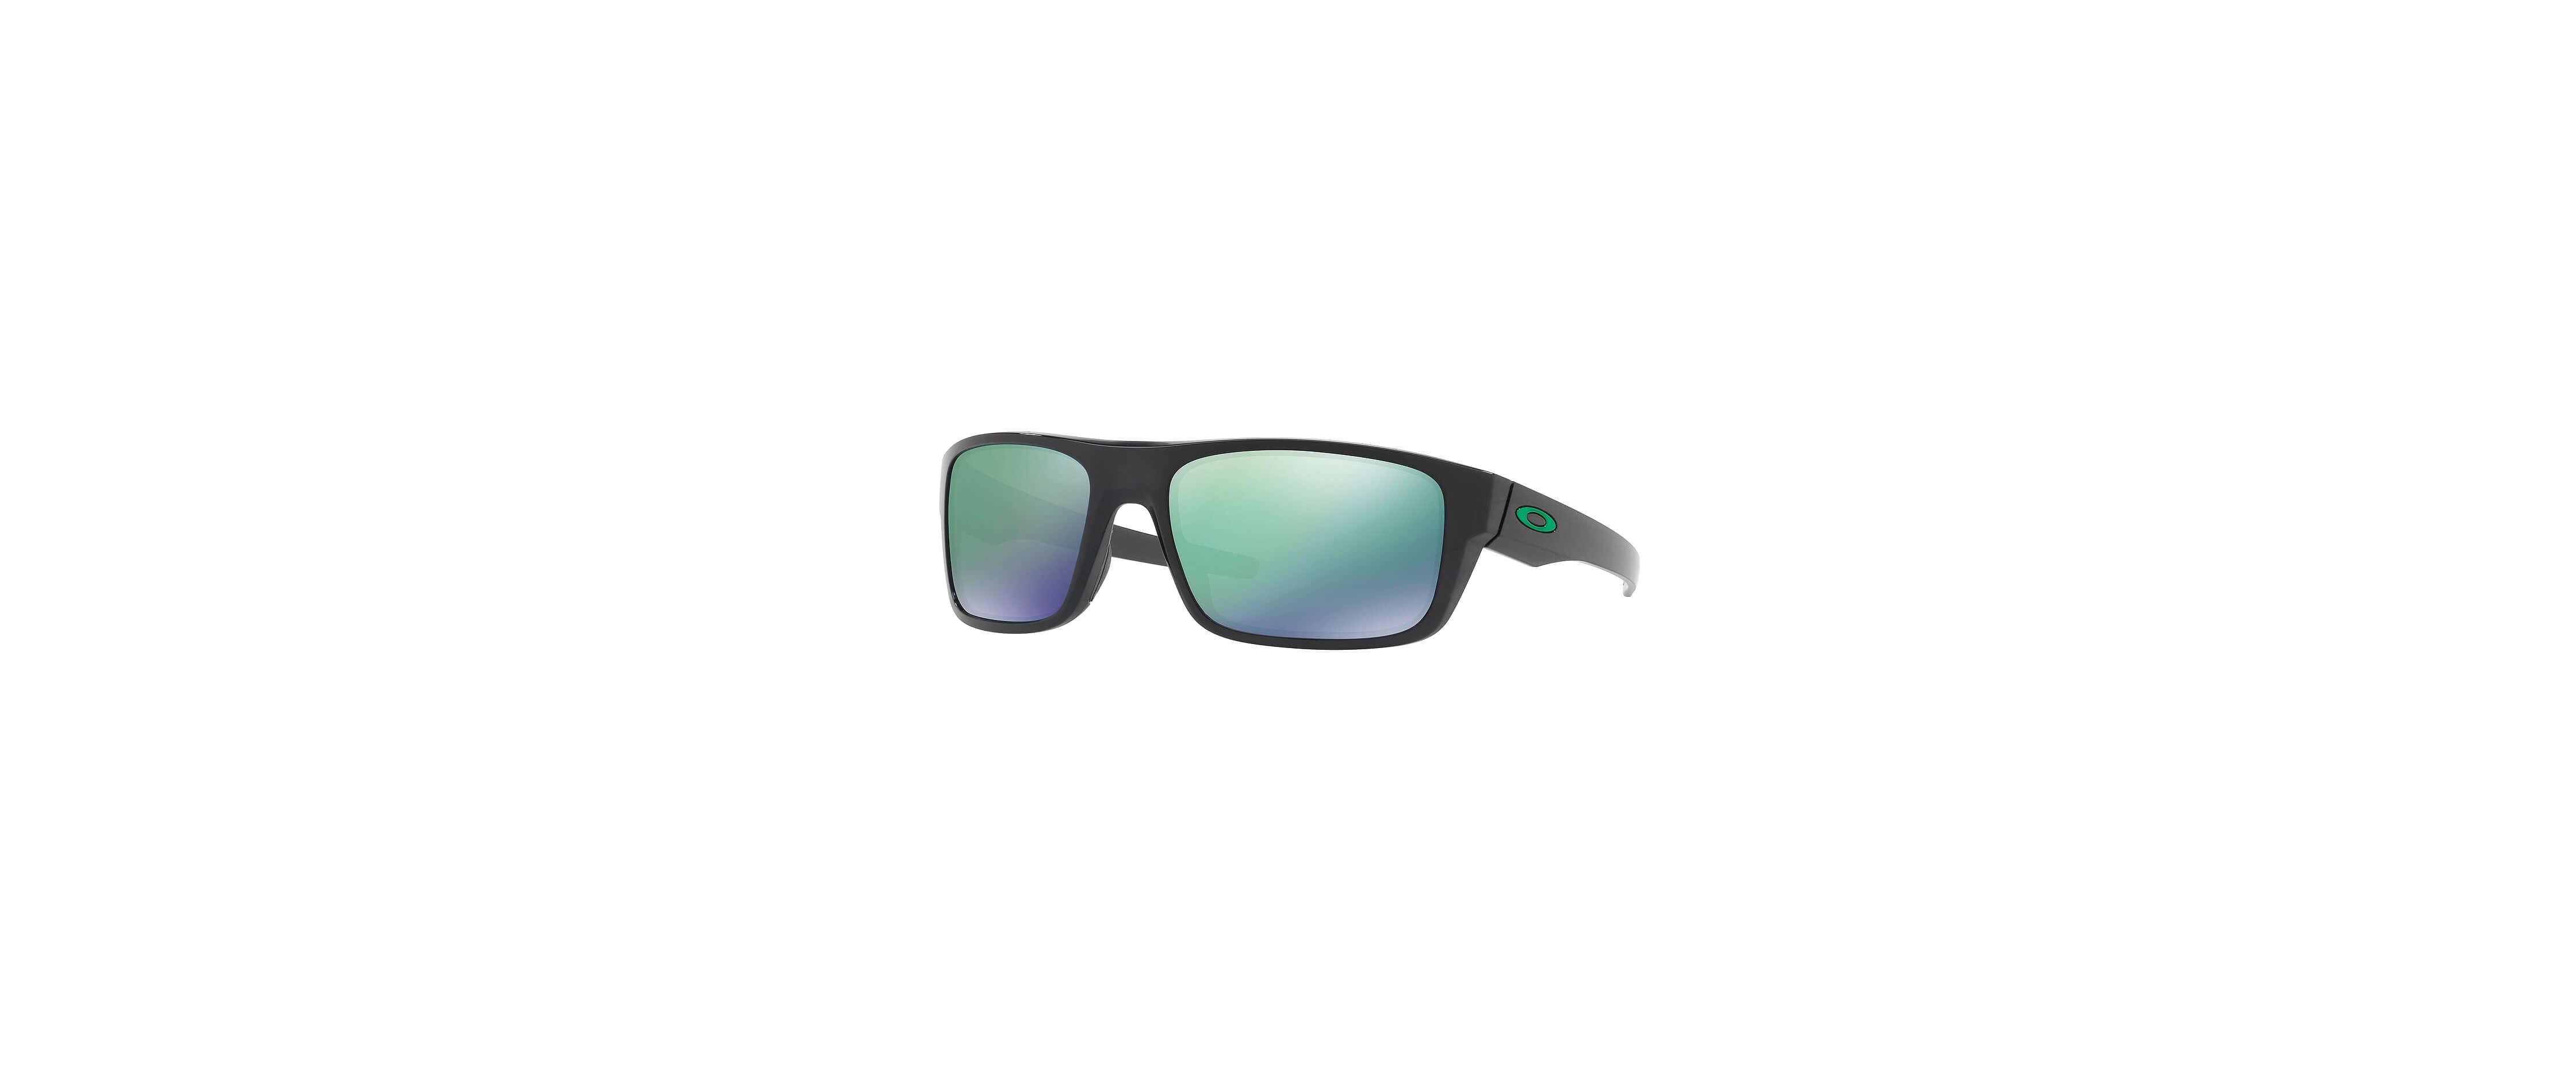 mens sunglasses oakley  Accessories for Men - Sunglasses, Oakley